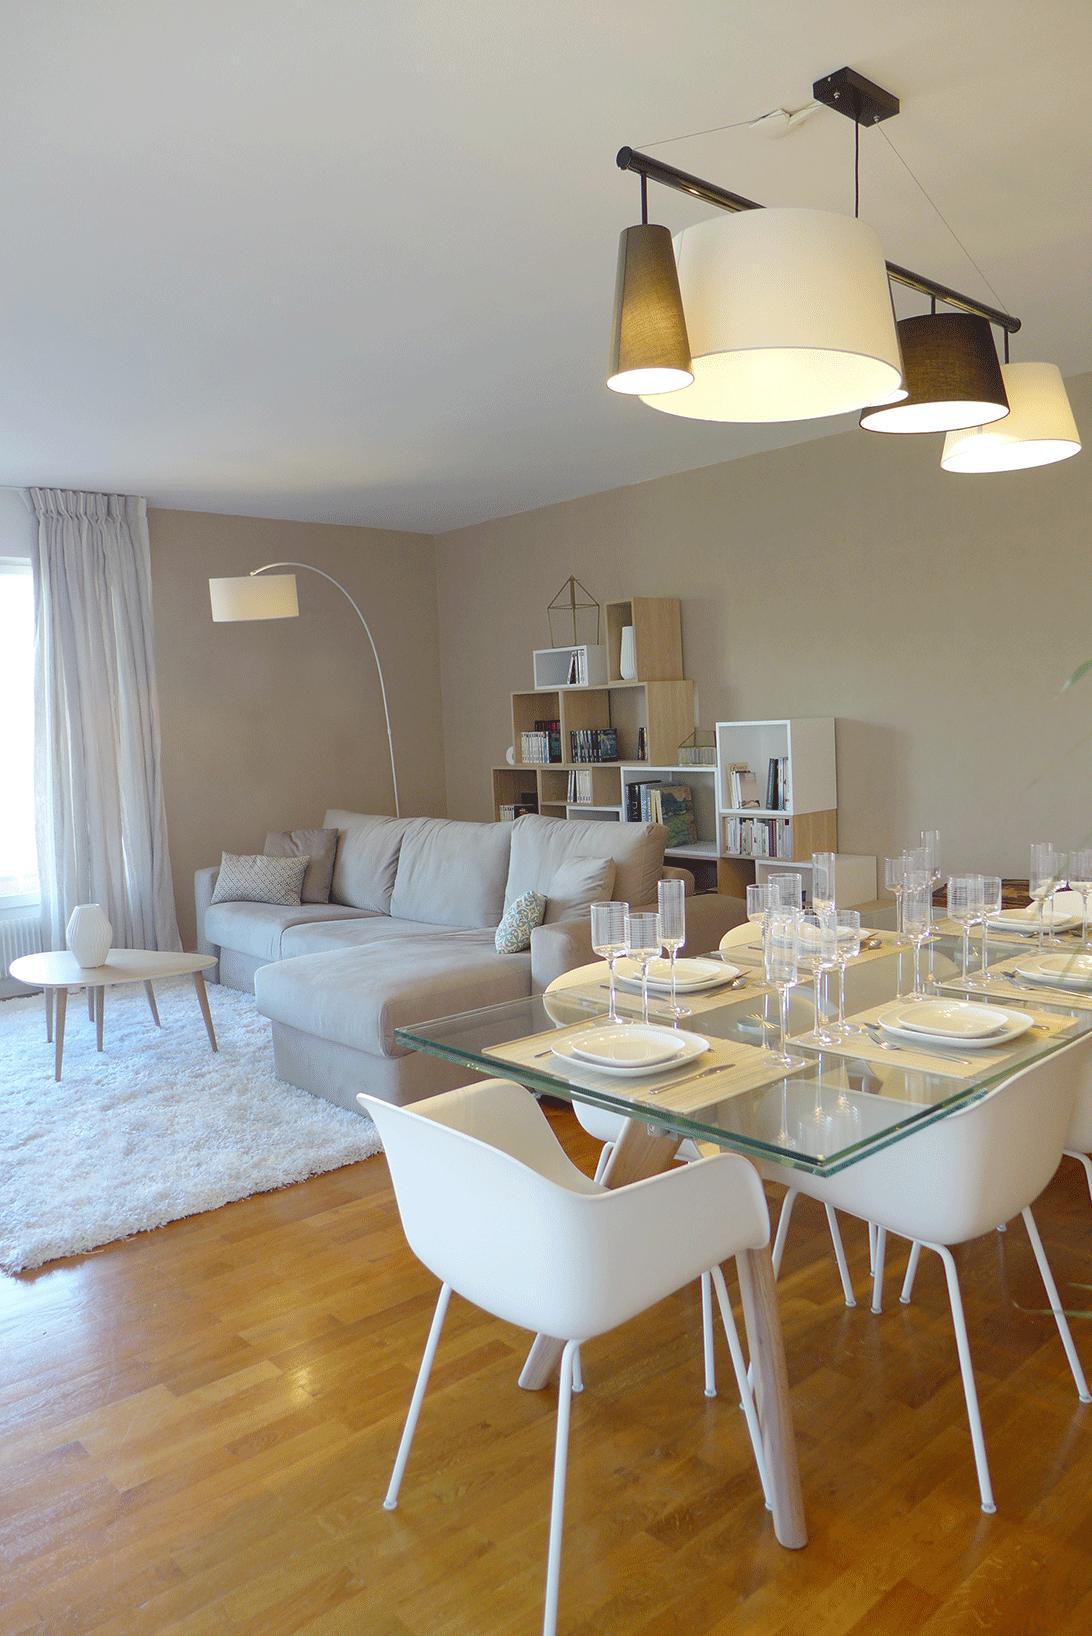 Salle A Manger Avec Table Plateau En Verre Et Chaise A Coque Salle